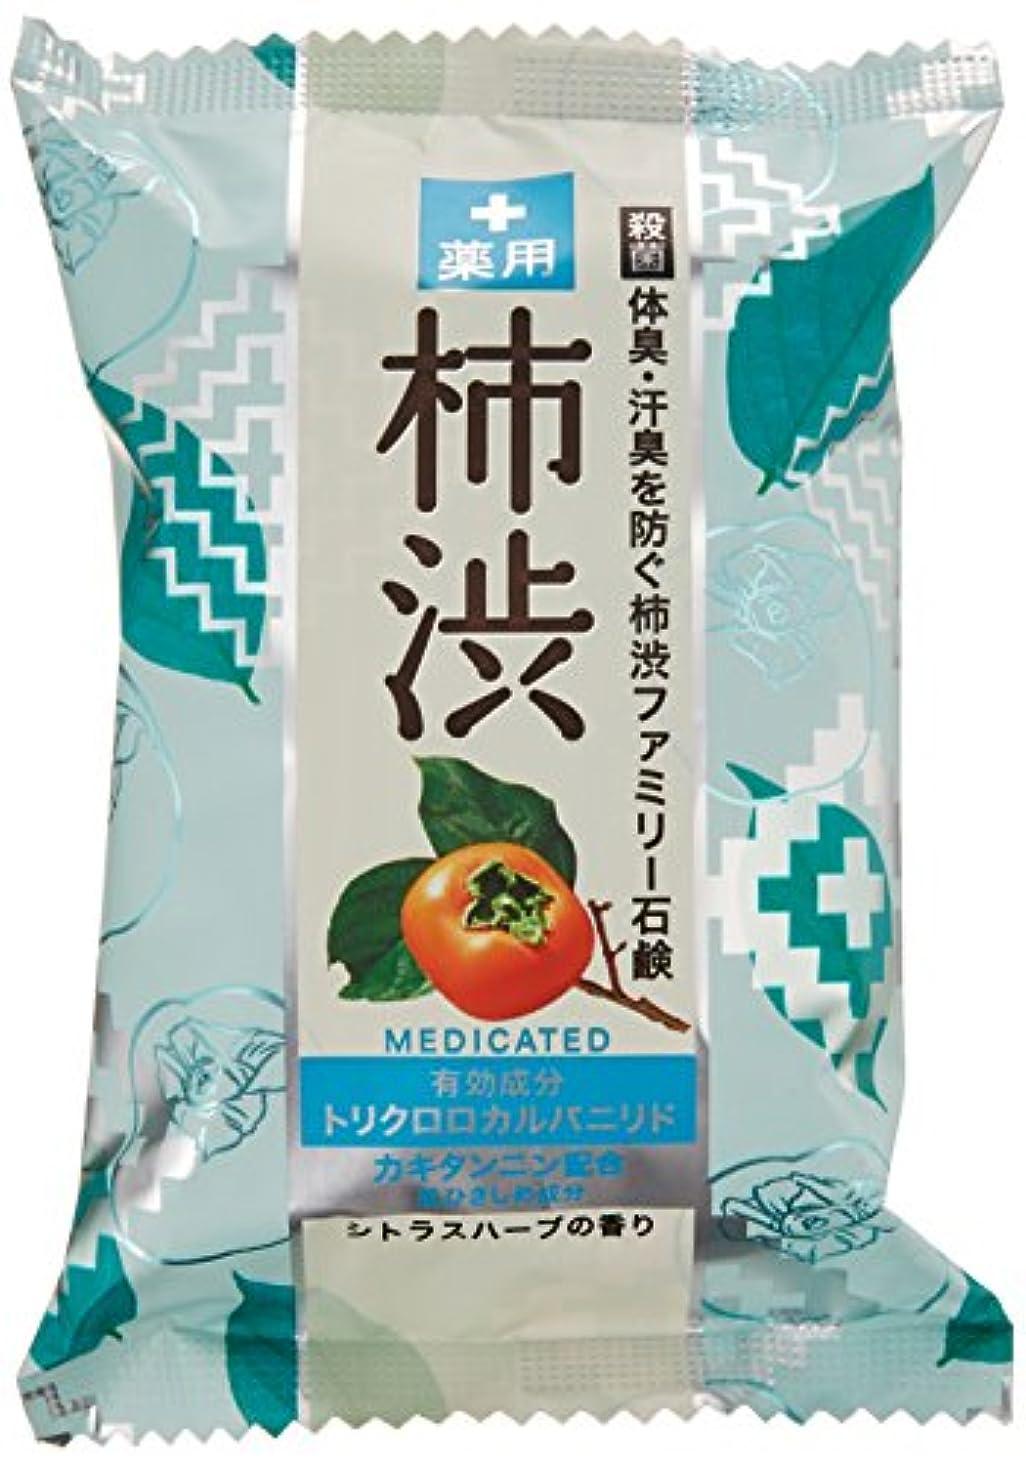 グリップ厚いからに変化するペリカン石鹸 薬用ファミリー 柿渋石けん 80g×2個